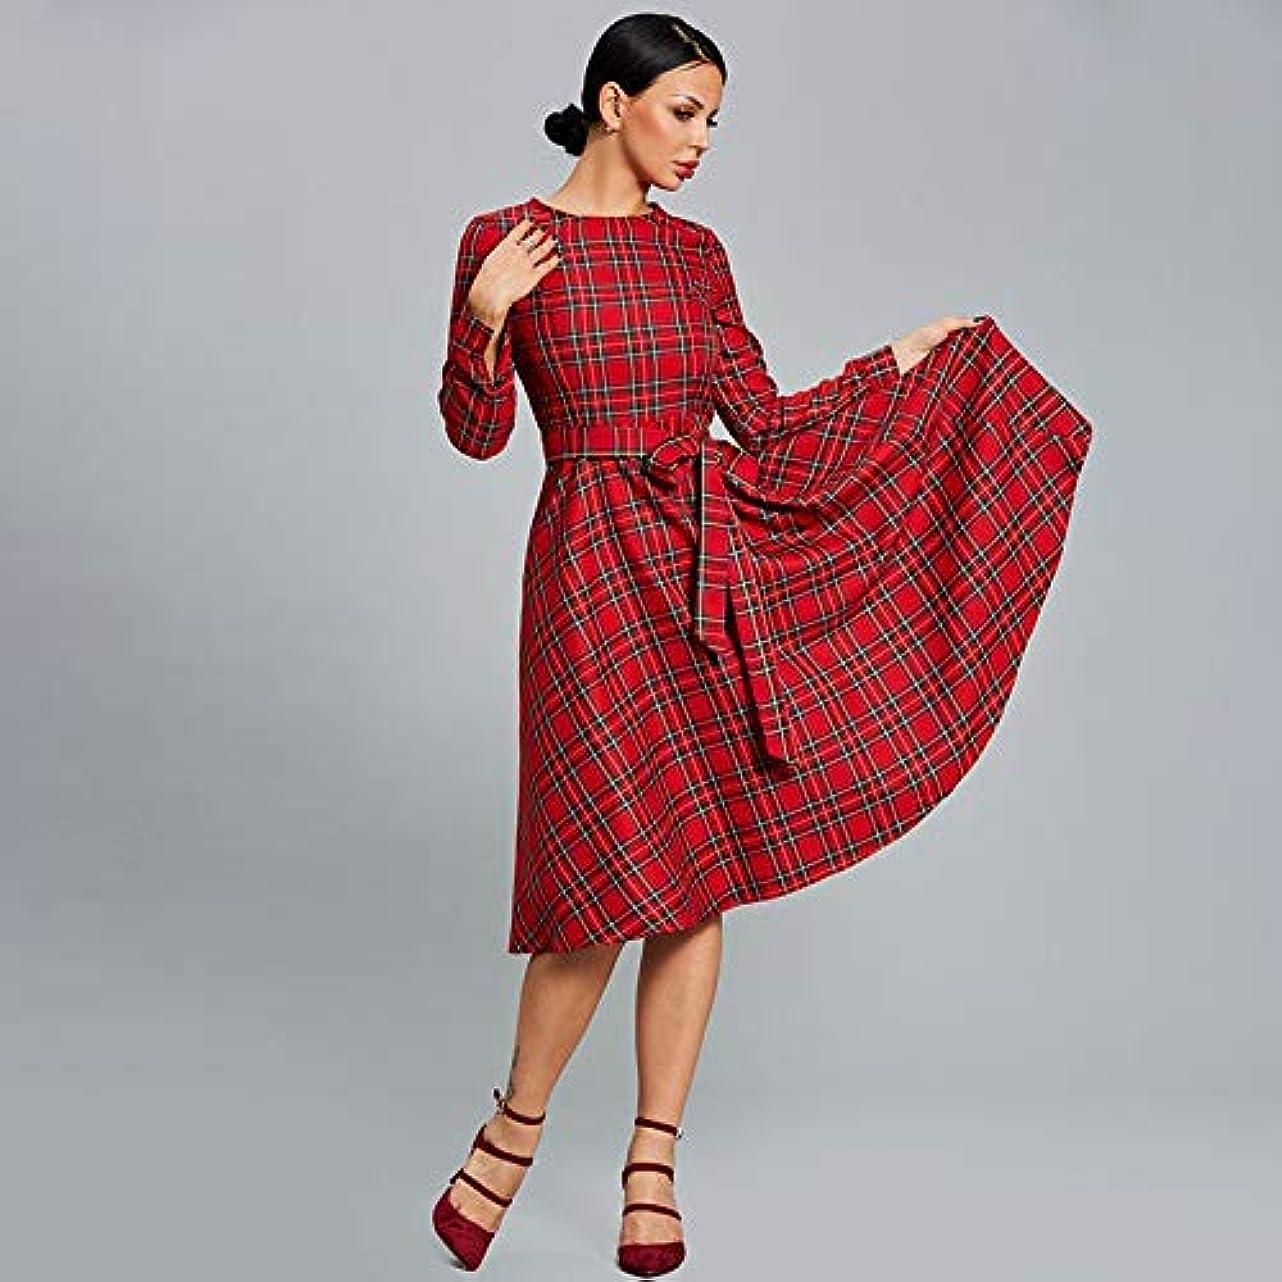 ばか先見の明引き金Onderroa - 女性のドレス秋のタータンチェックレッドパーティードレスOネックロングスリーブパッチワークラインデー2018女性の厚いヴィンテージドレス